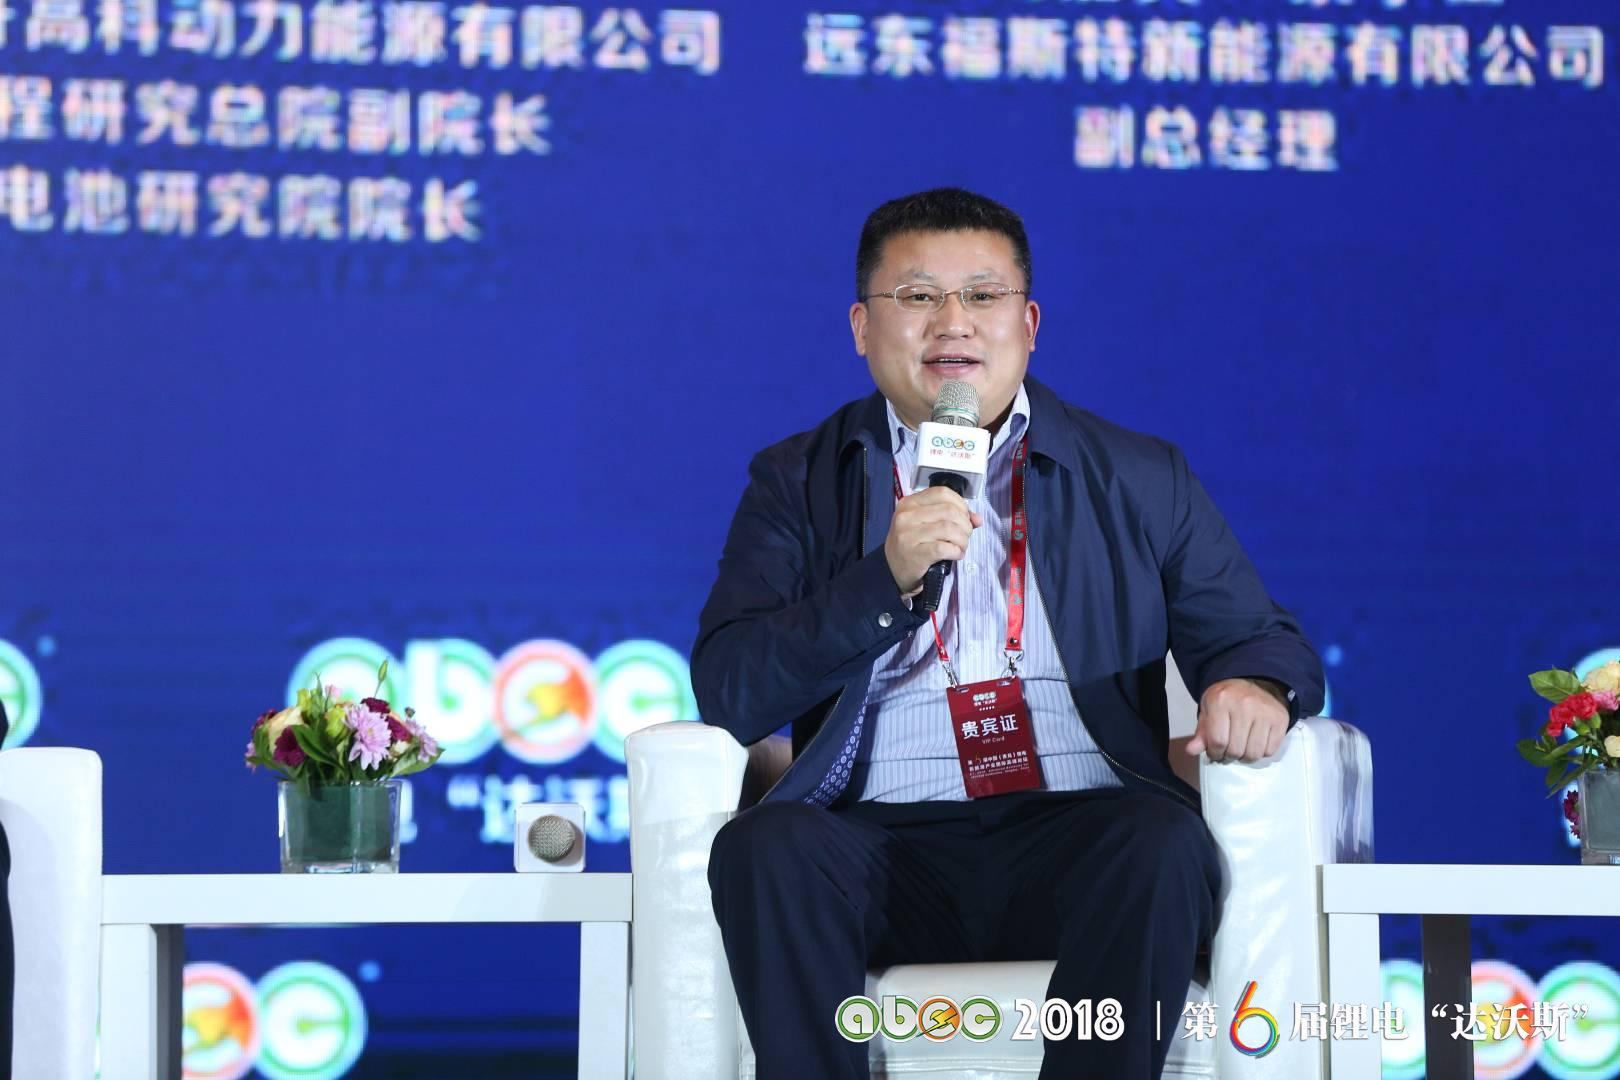 山东航禹能源有限公司董事长丁文磊